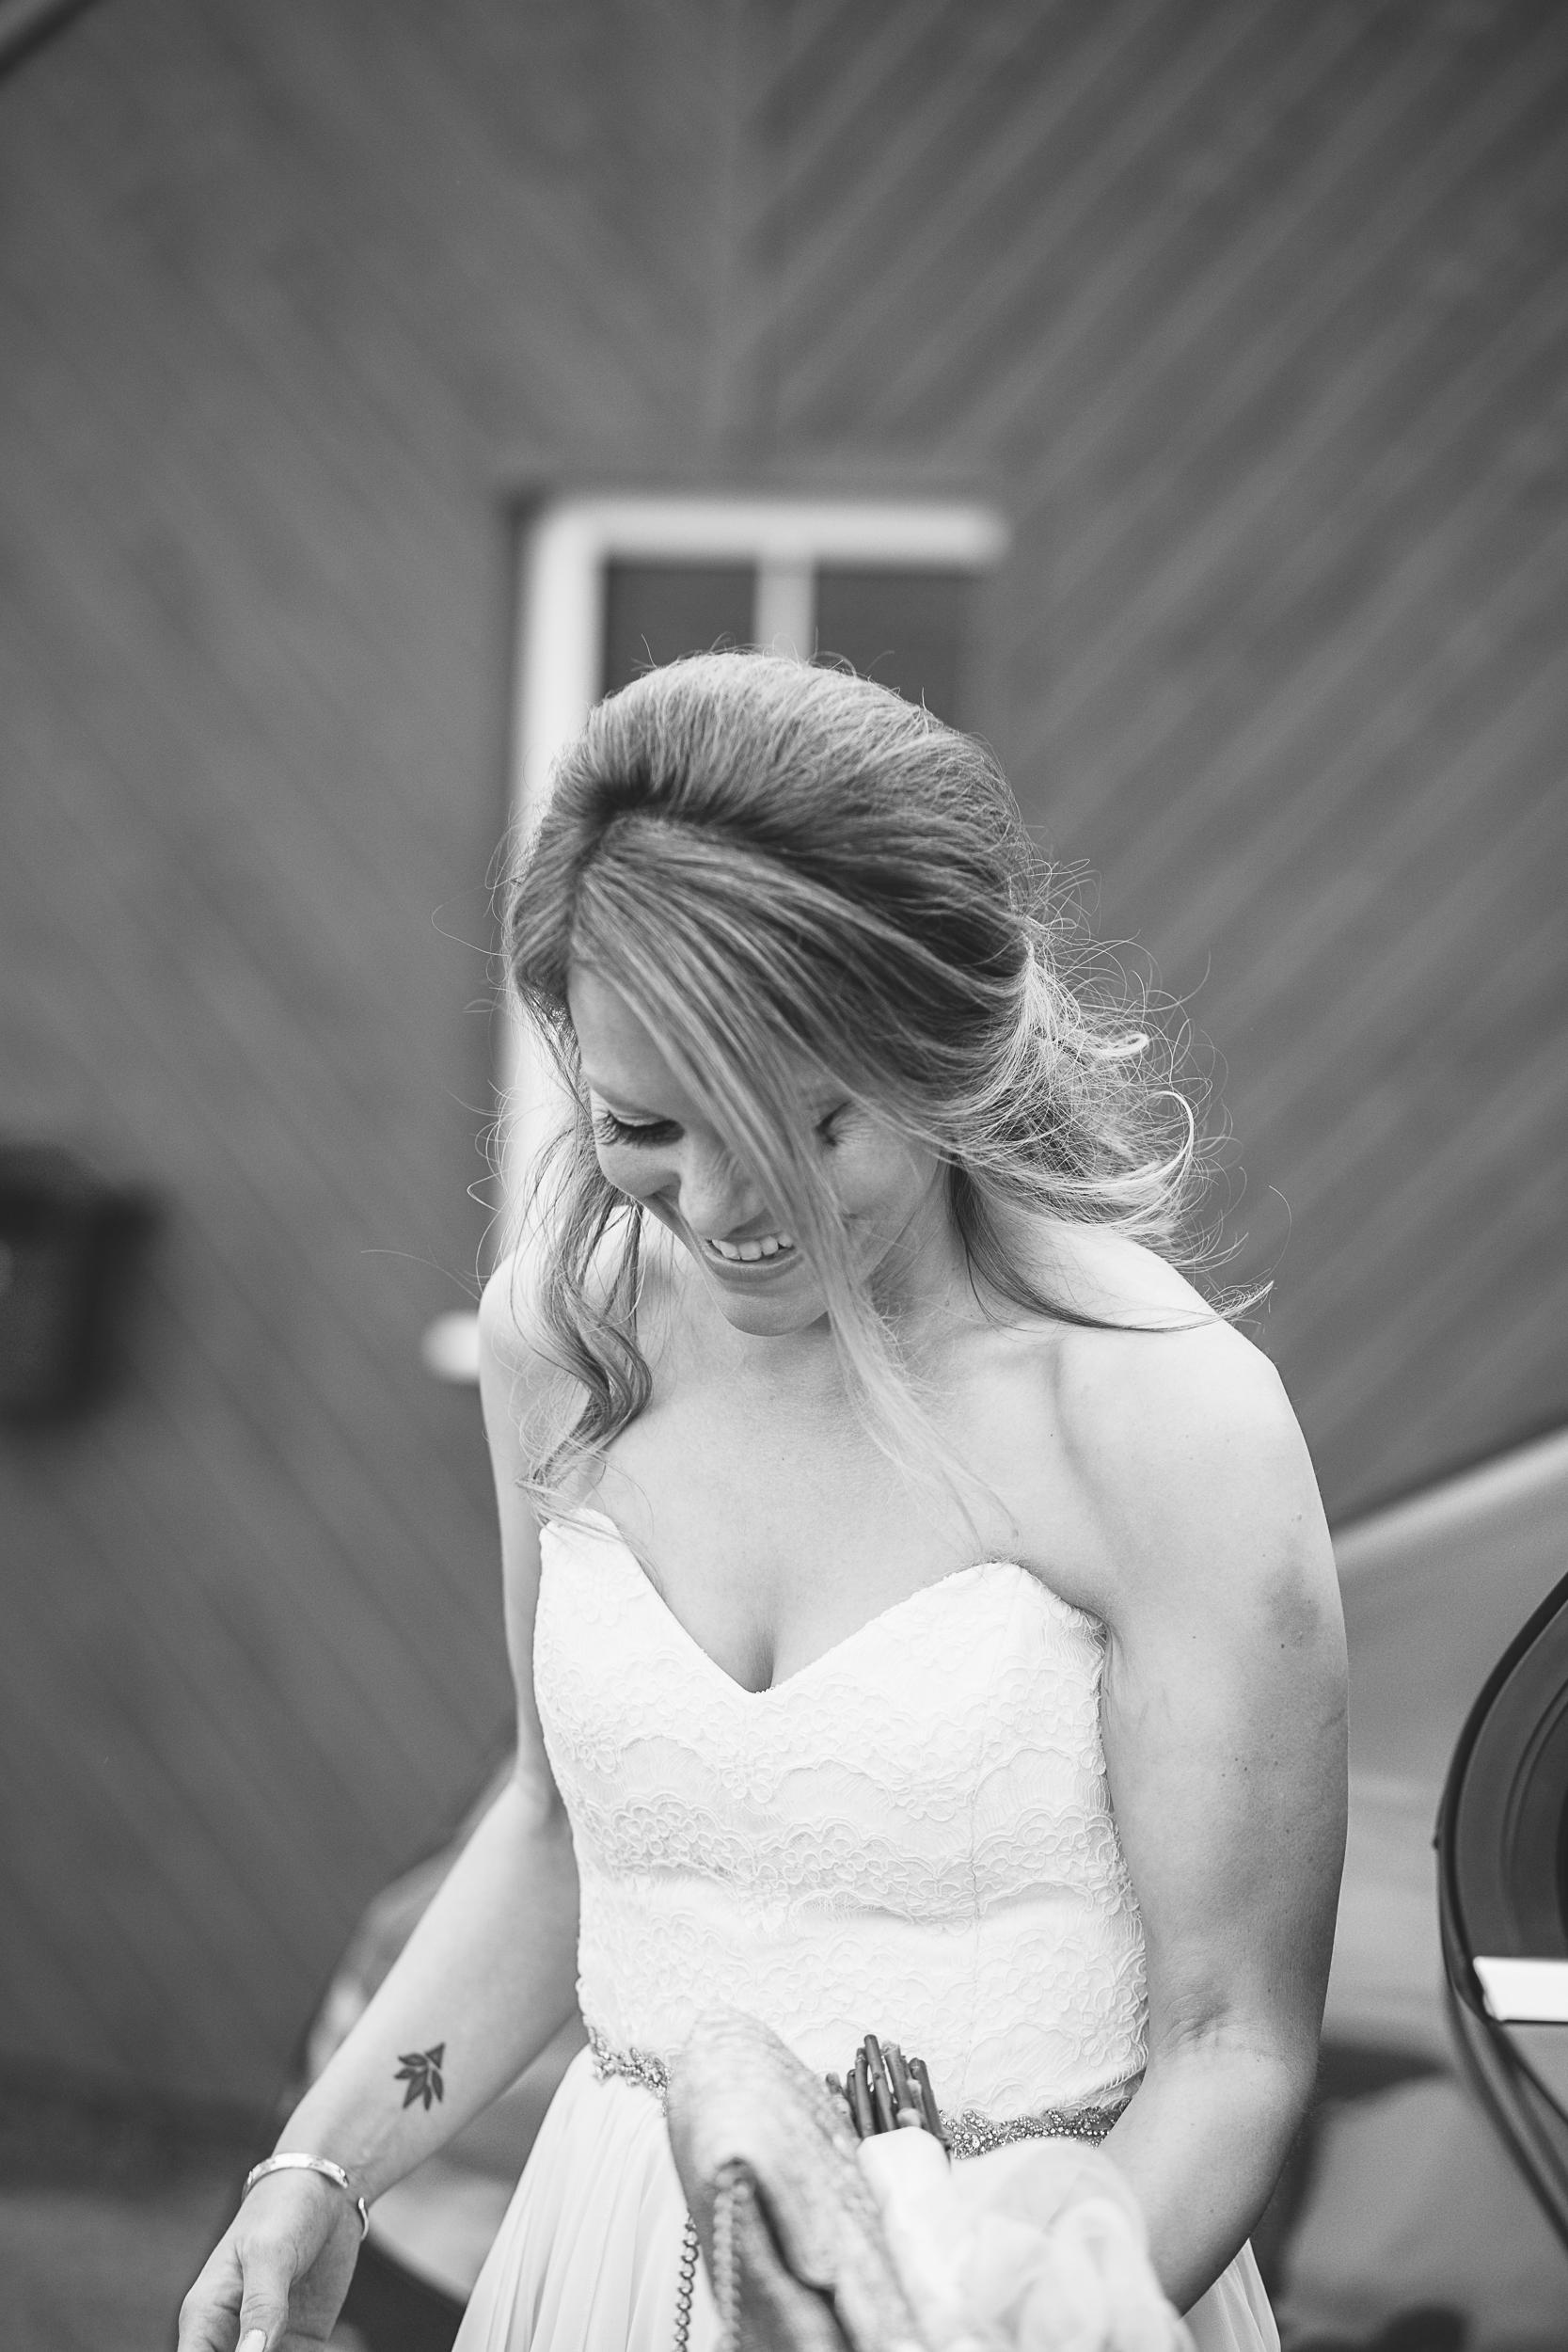 wedding photography aberdeen, wedding photographer aberdeenshire, midmar village hall